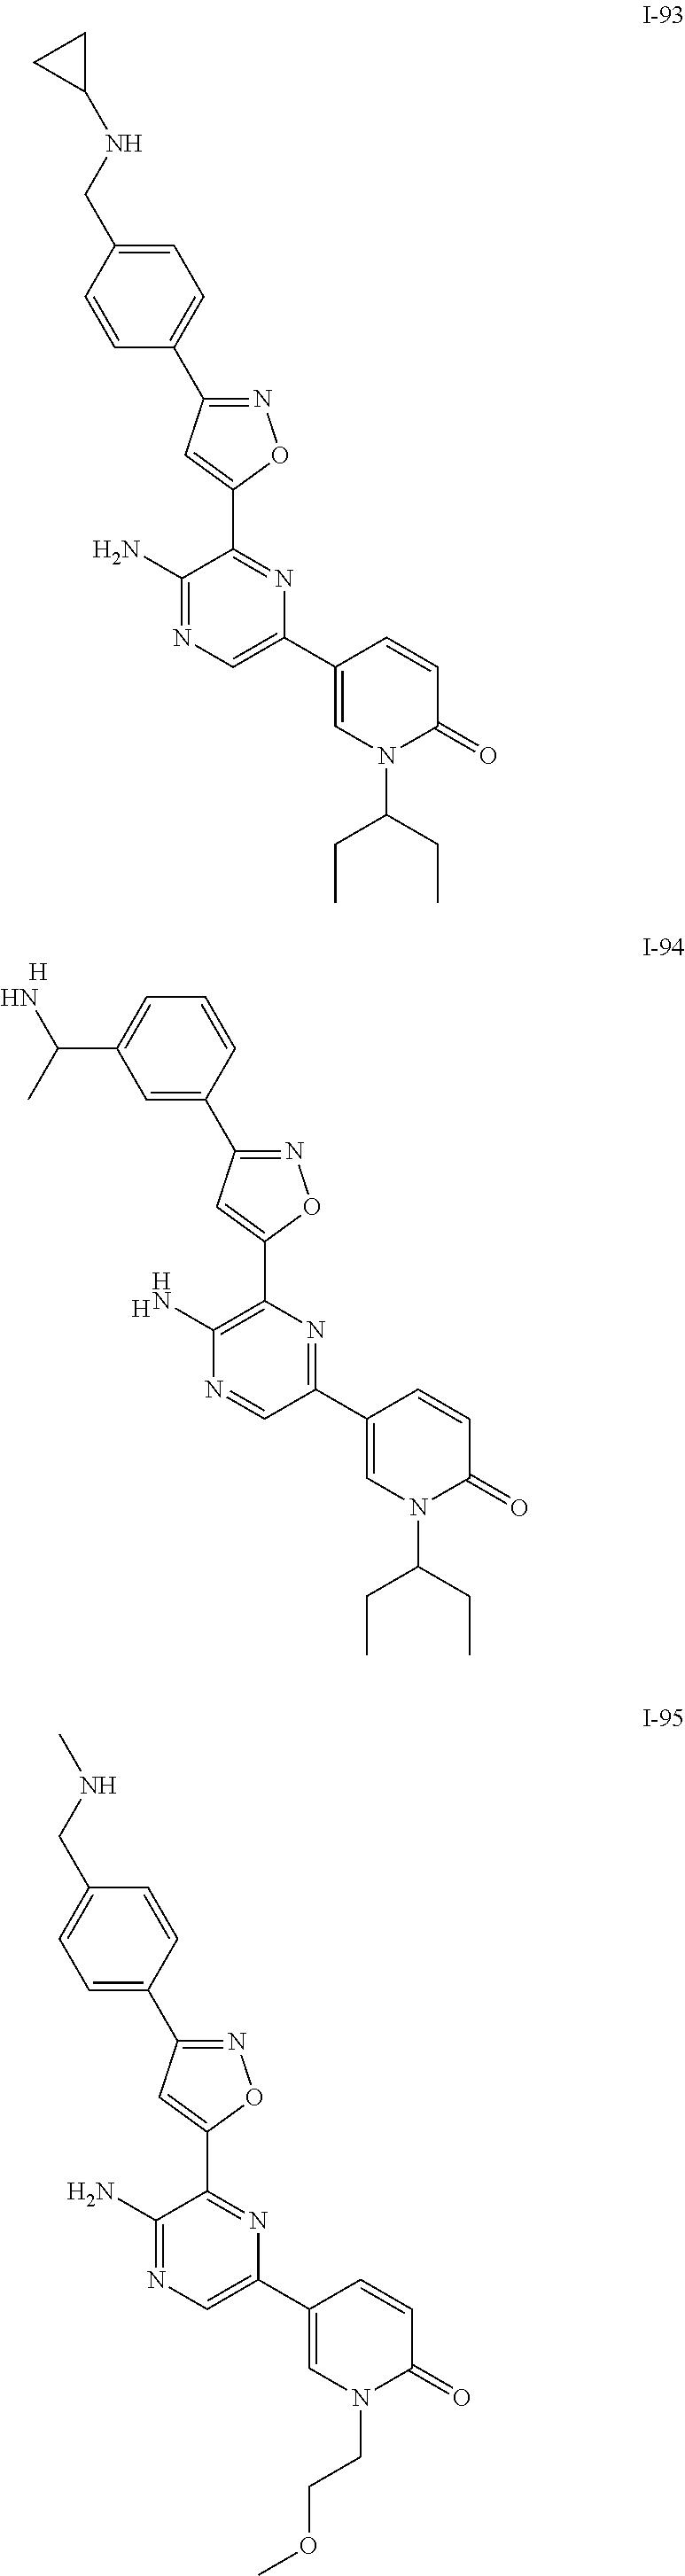 Figure US09630956-20170425-C00249